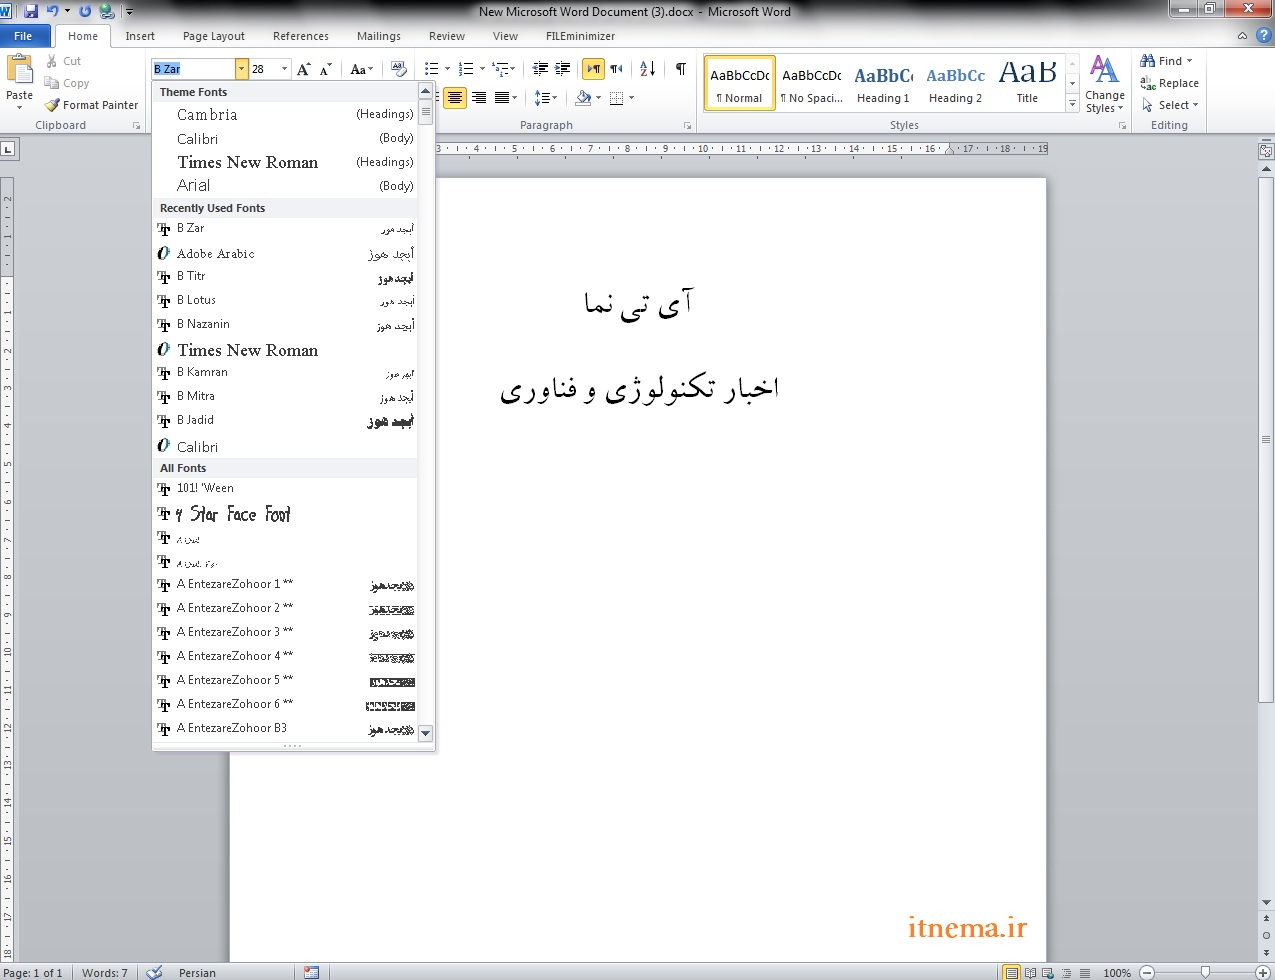 اه اخ وای اوف جیغ نوشتن اعداد فارسی در پاورپوینت